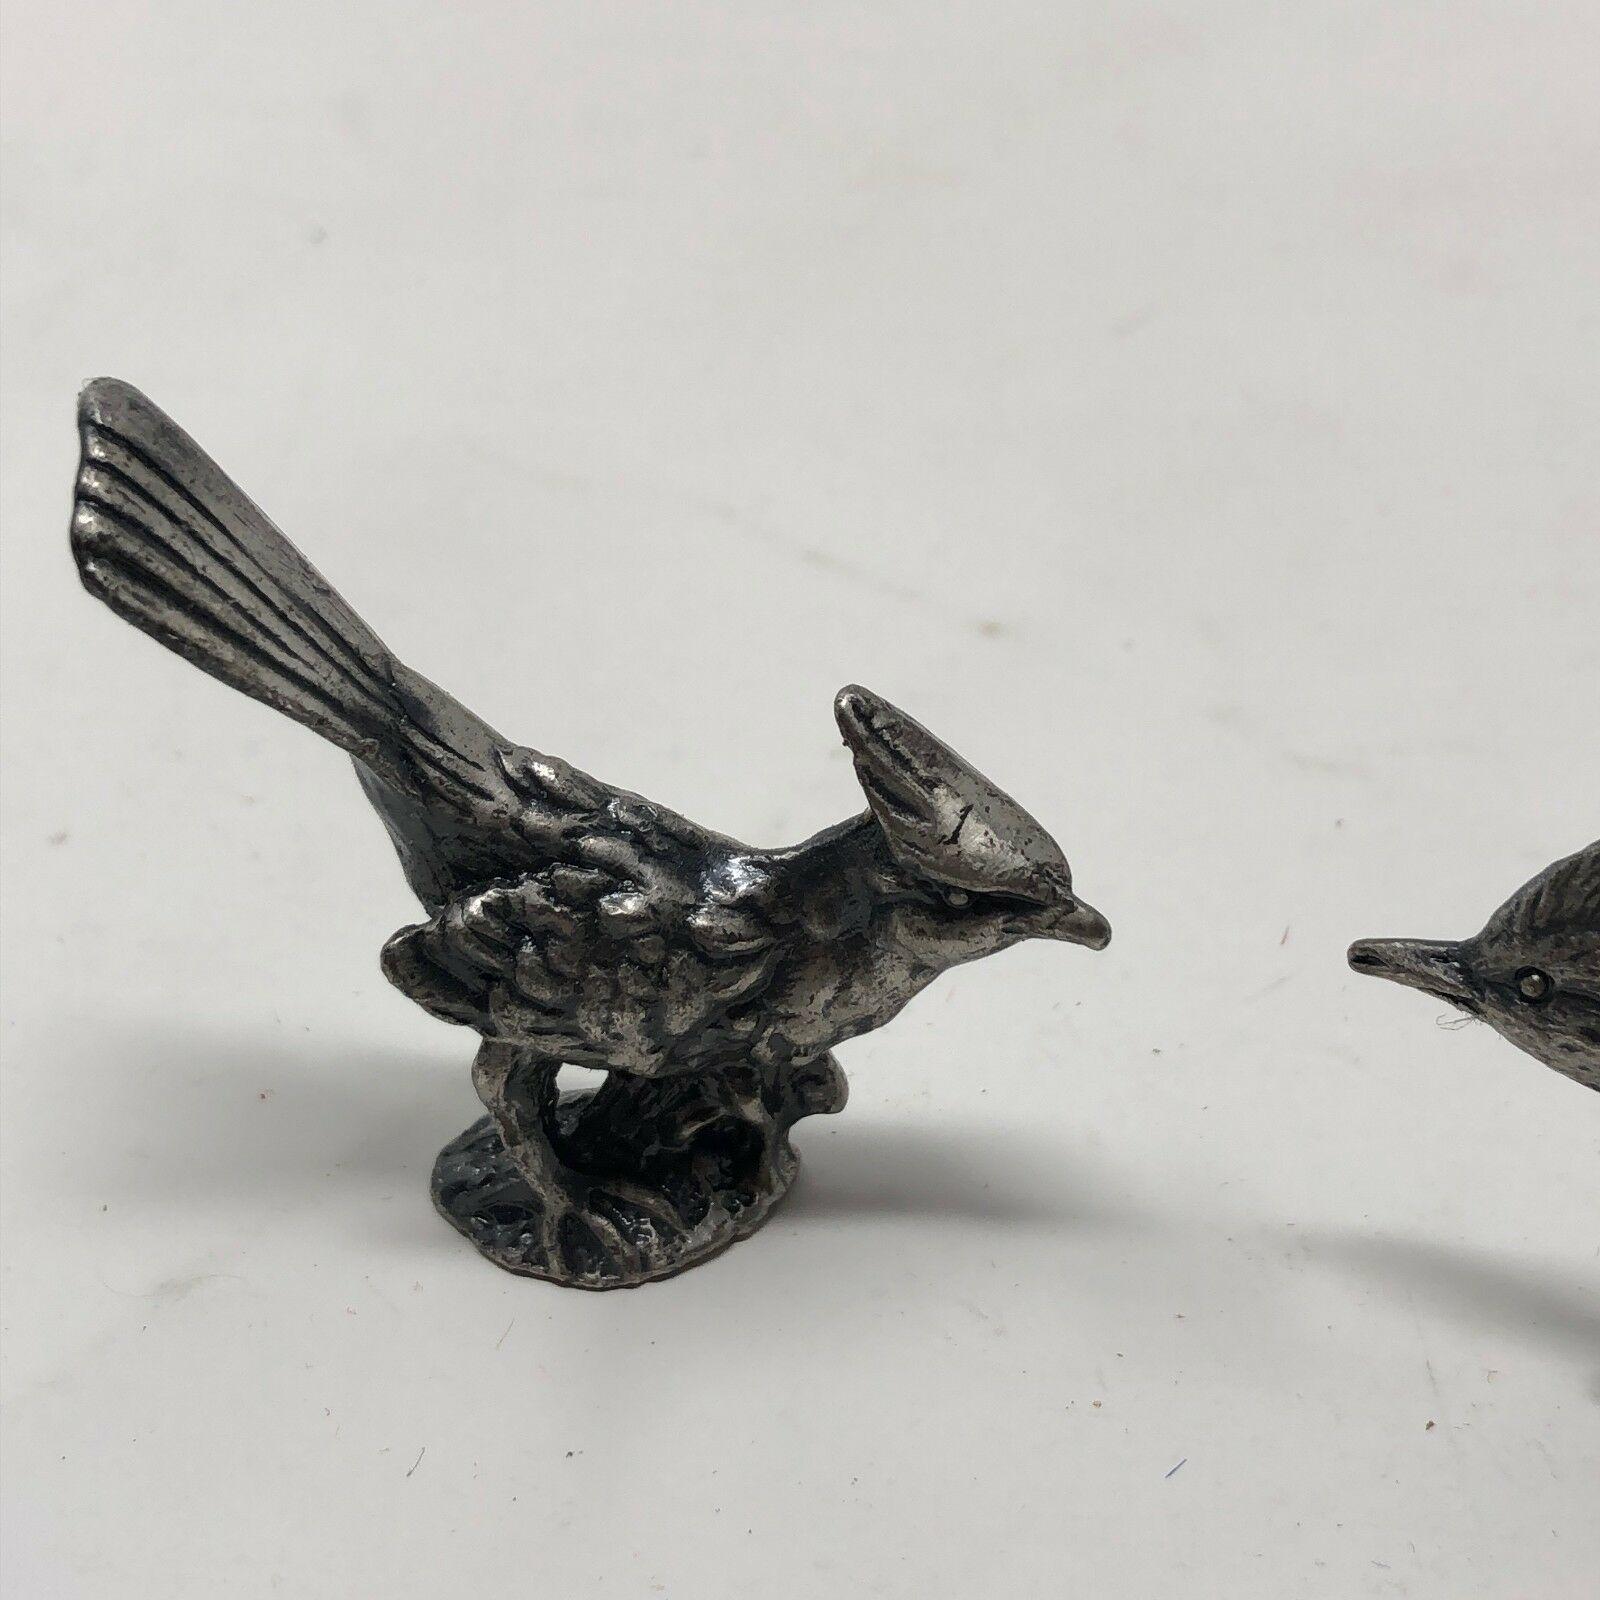 2 vintage pewter bird figurines image 4